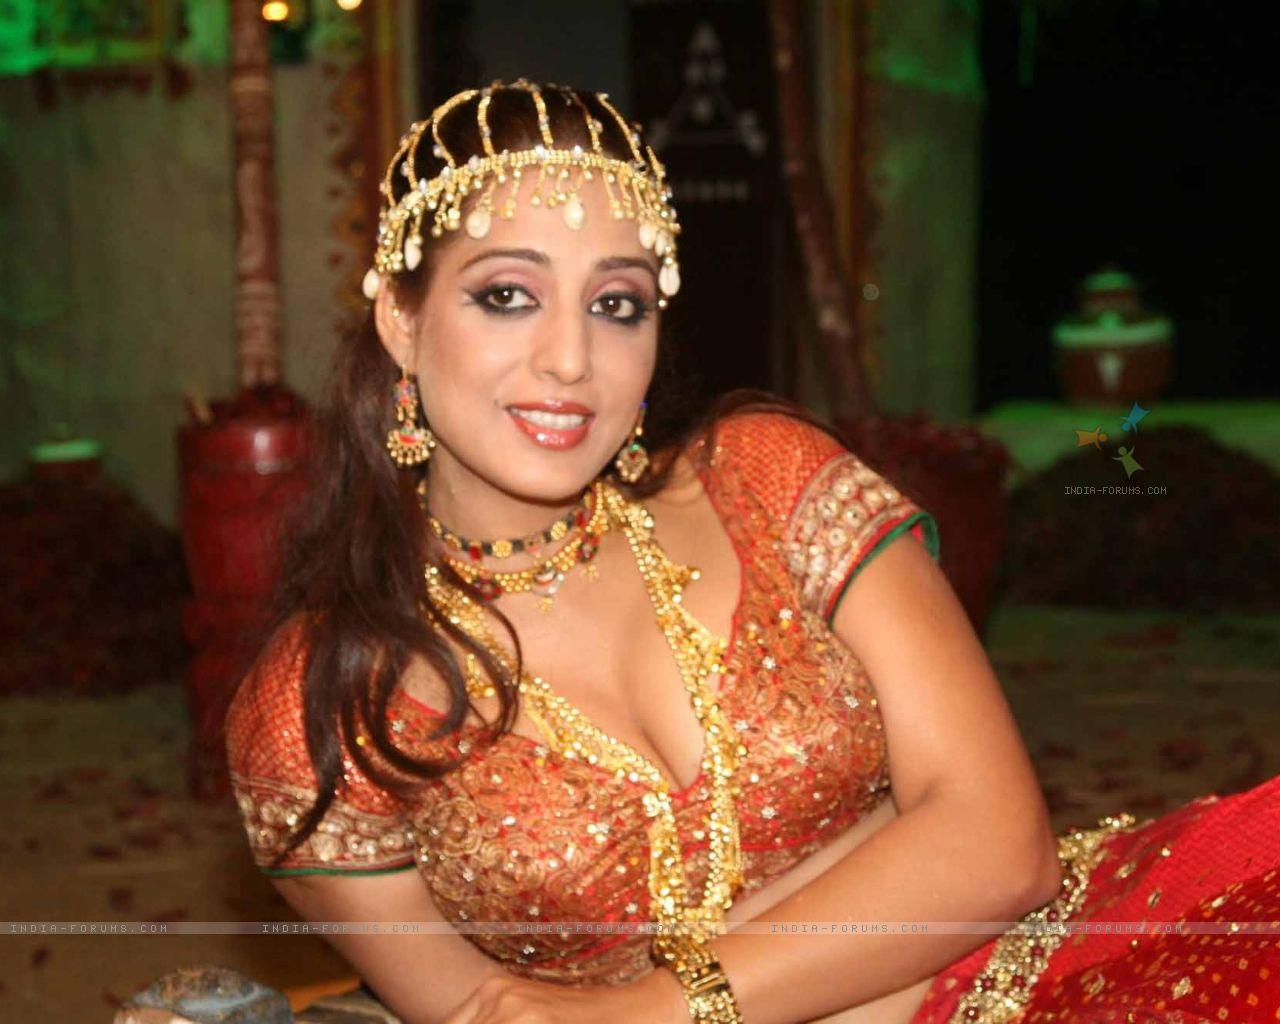 Mahi Gill - Indian Punjabi Bollywood Actress And Model New -3488